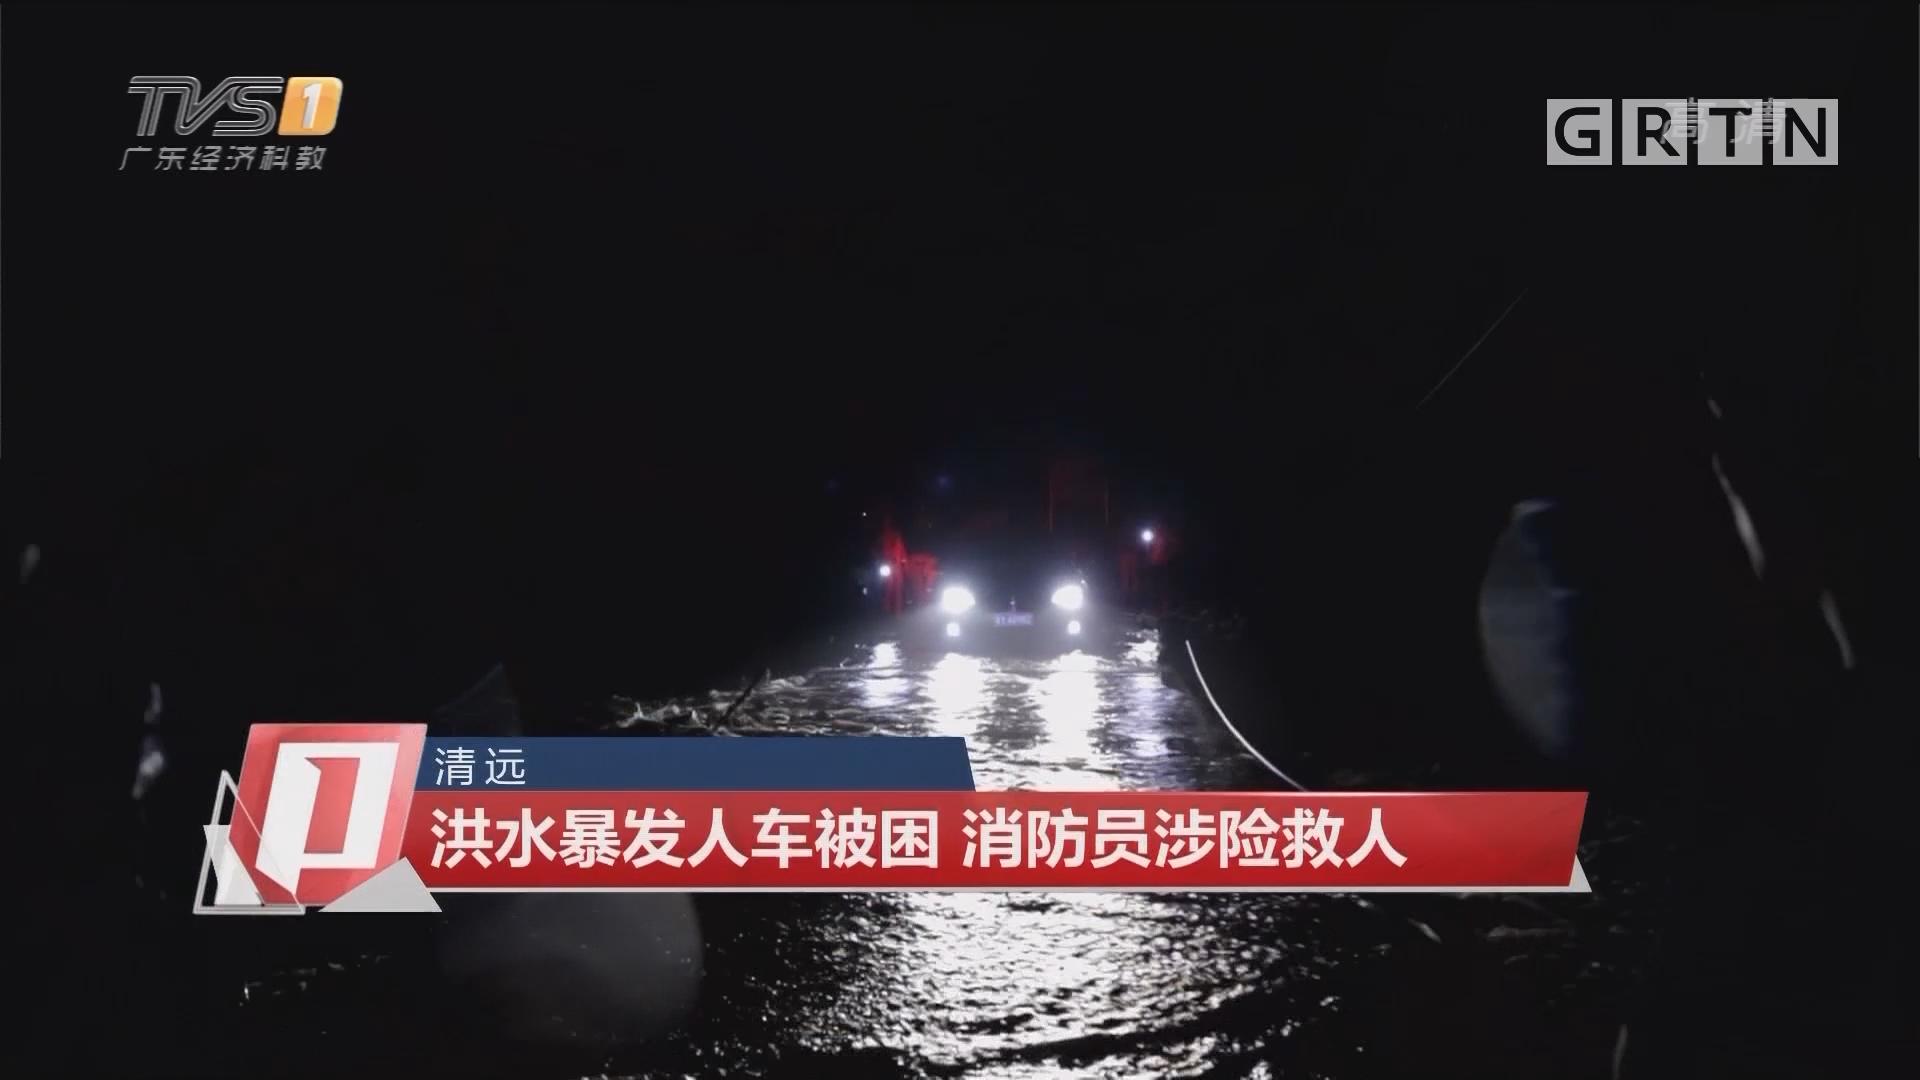 清远:洪水暴发人车被困 消防员涉险救人